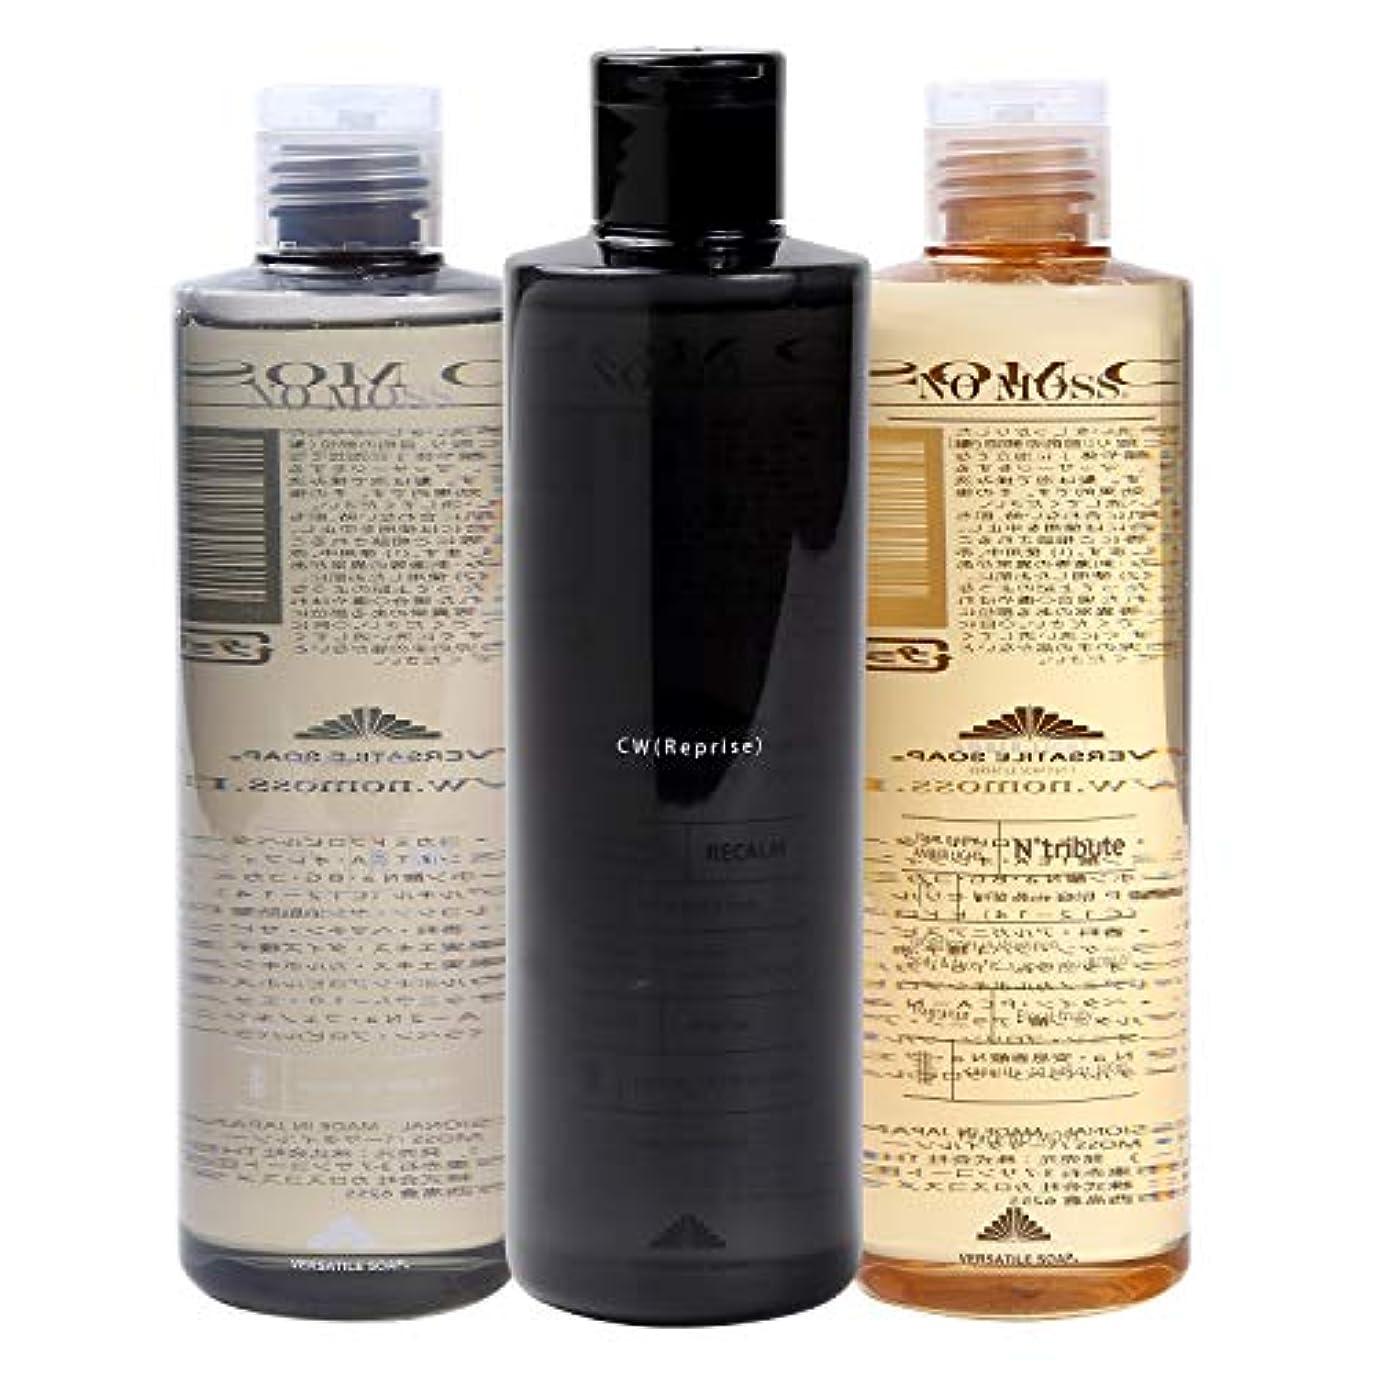 大気開いたマーガレットミッチェルNO MOSS VERSATILE SOAP(ノーモス バーサタイル ソープ) 300ml FULLセット